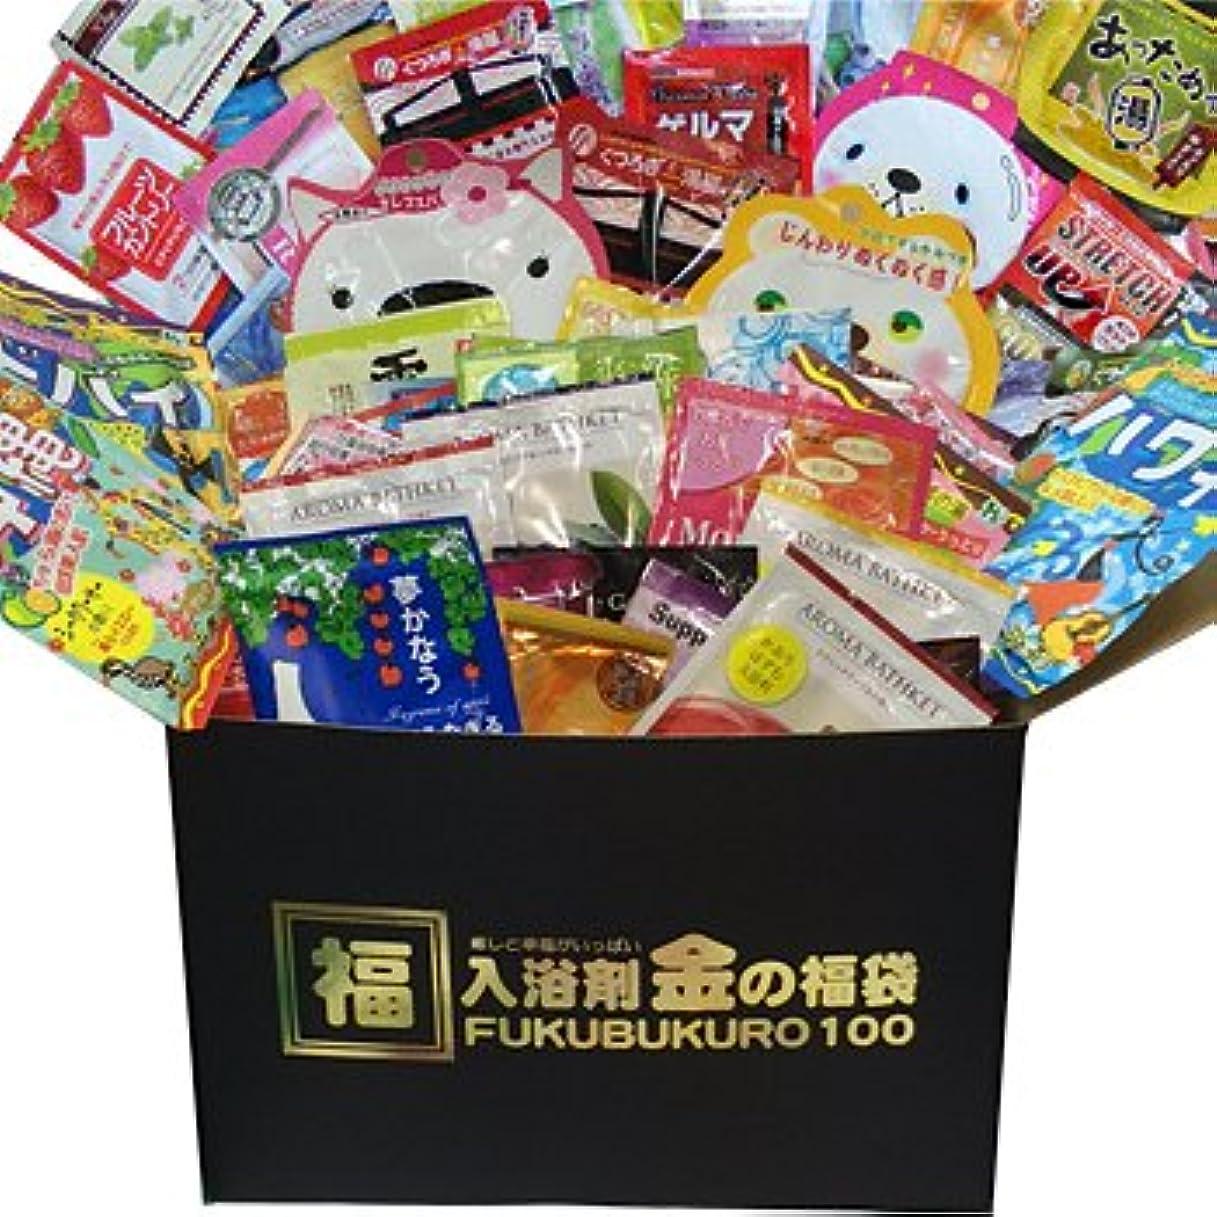 花婿契約する傾向があります金の! 【入浴剤 福袋】100個 安心の日本製!入浴剤福袋/入浴剤 福袋/ギフト